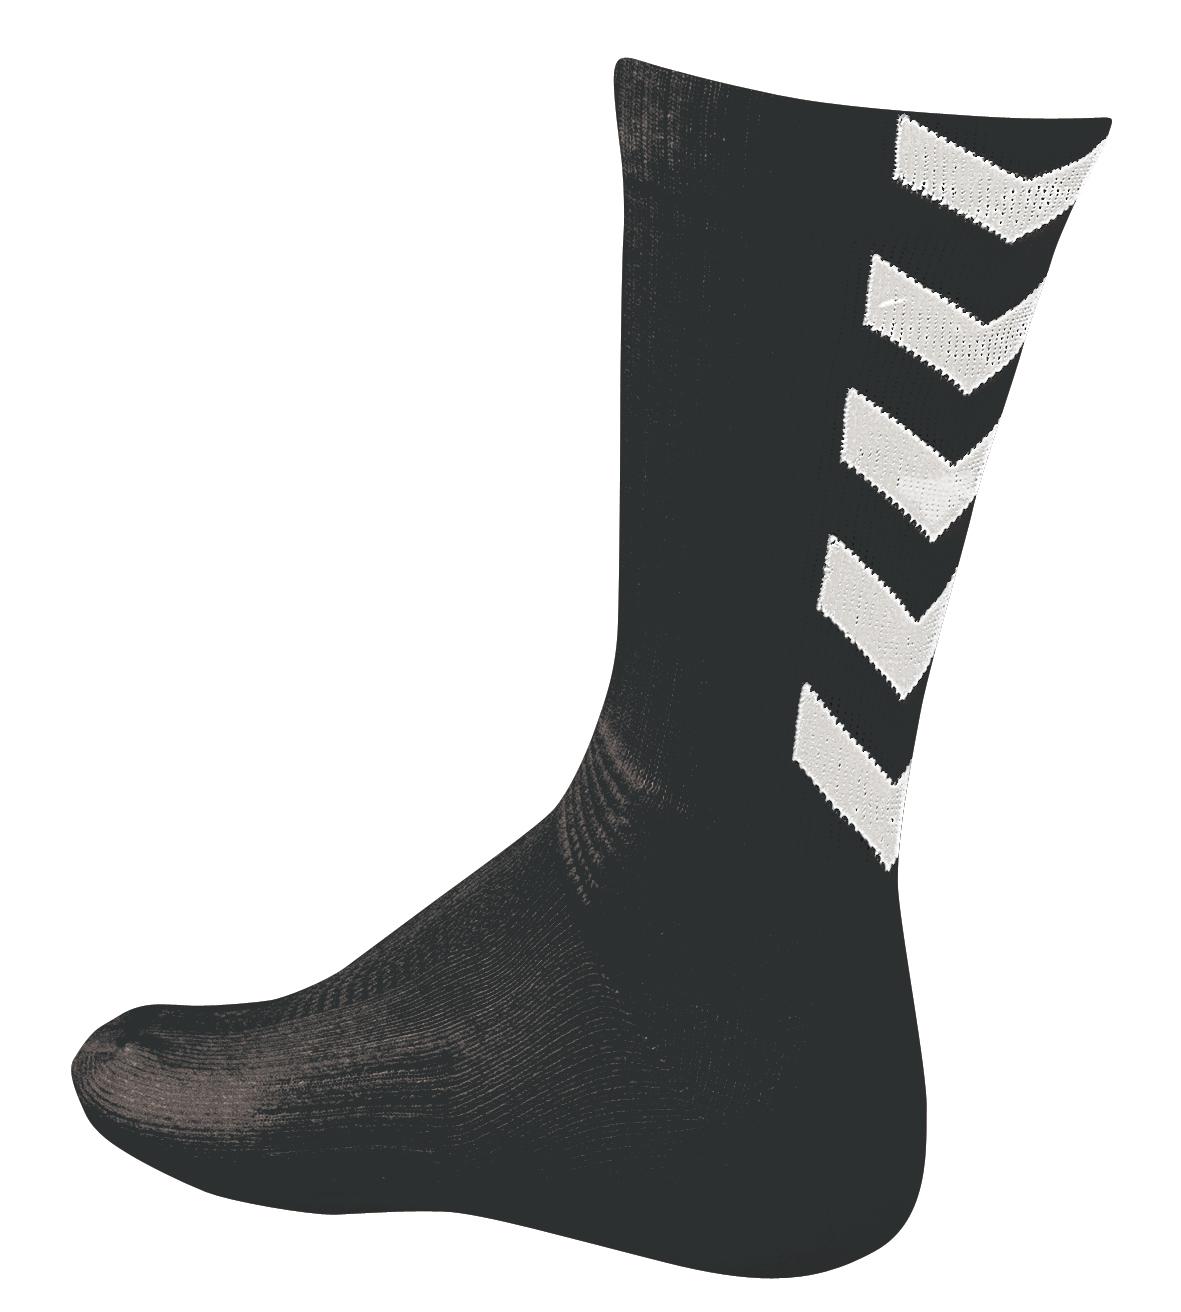 chaussettes-hummel-noires